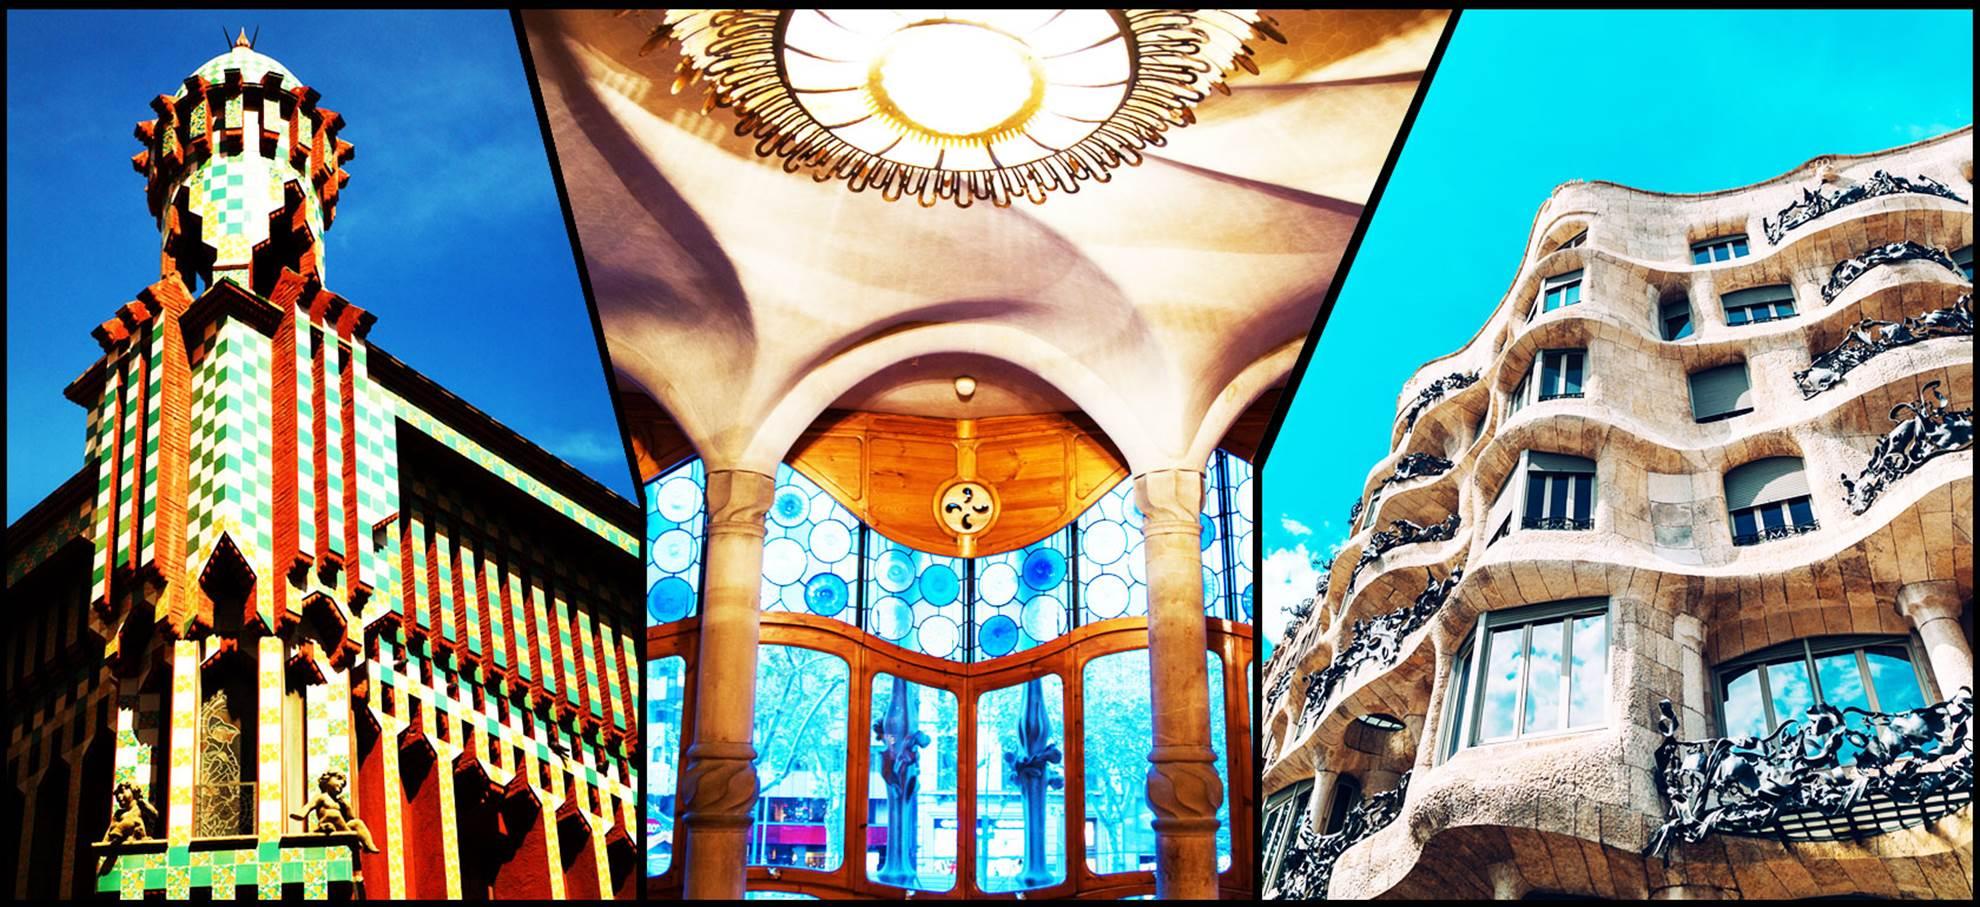 Le tre case di Gaudi: Ingresso Diretto a Casa Batllo, Mila e Vicens!